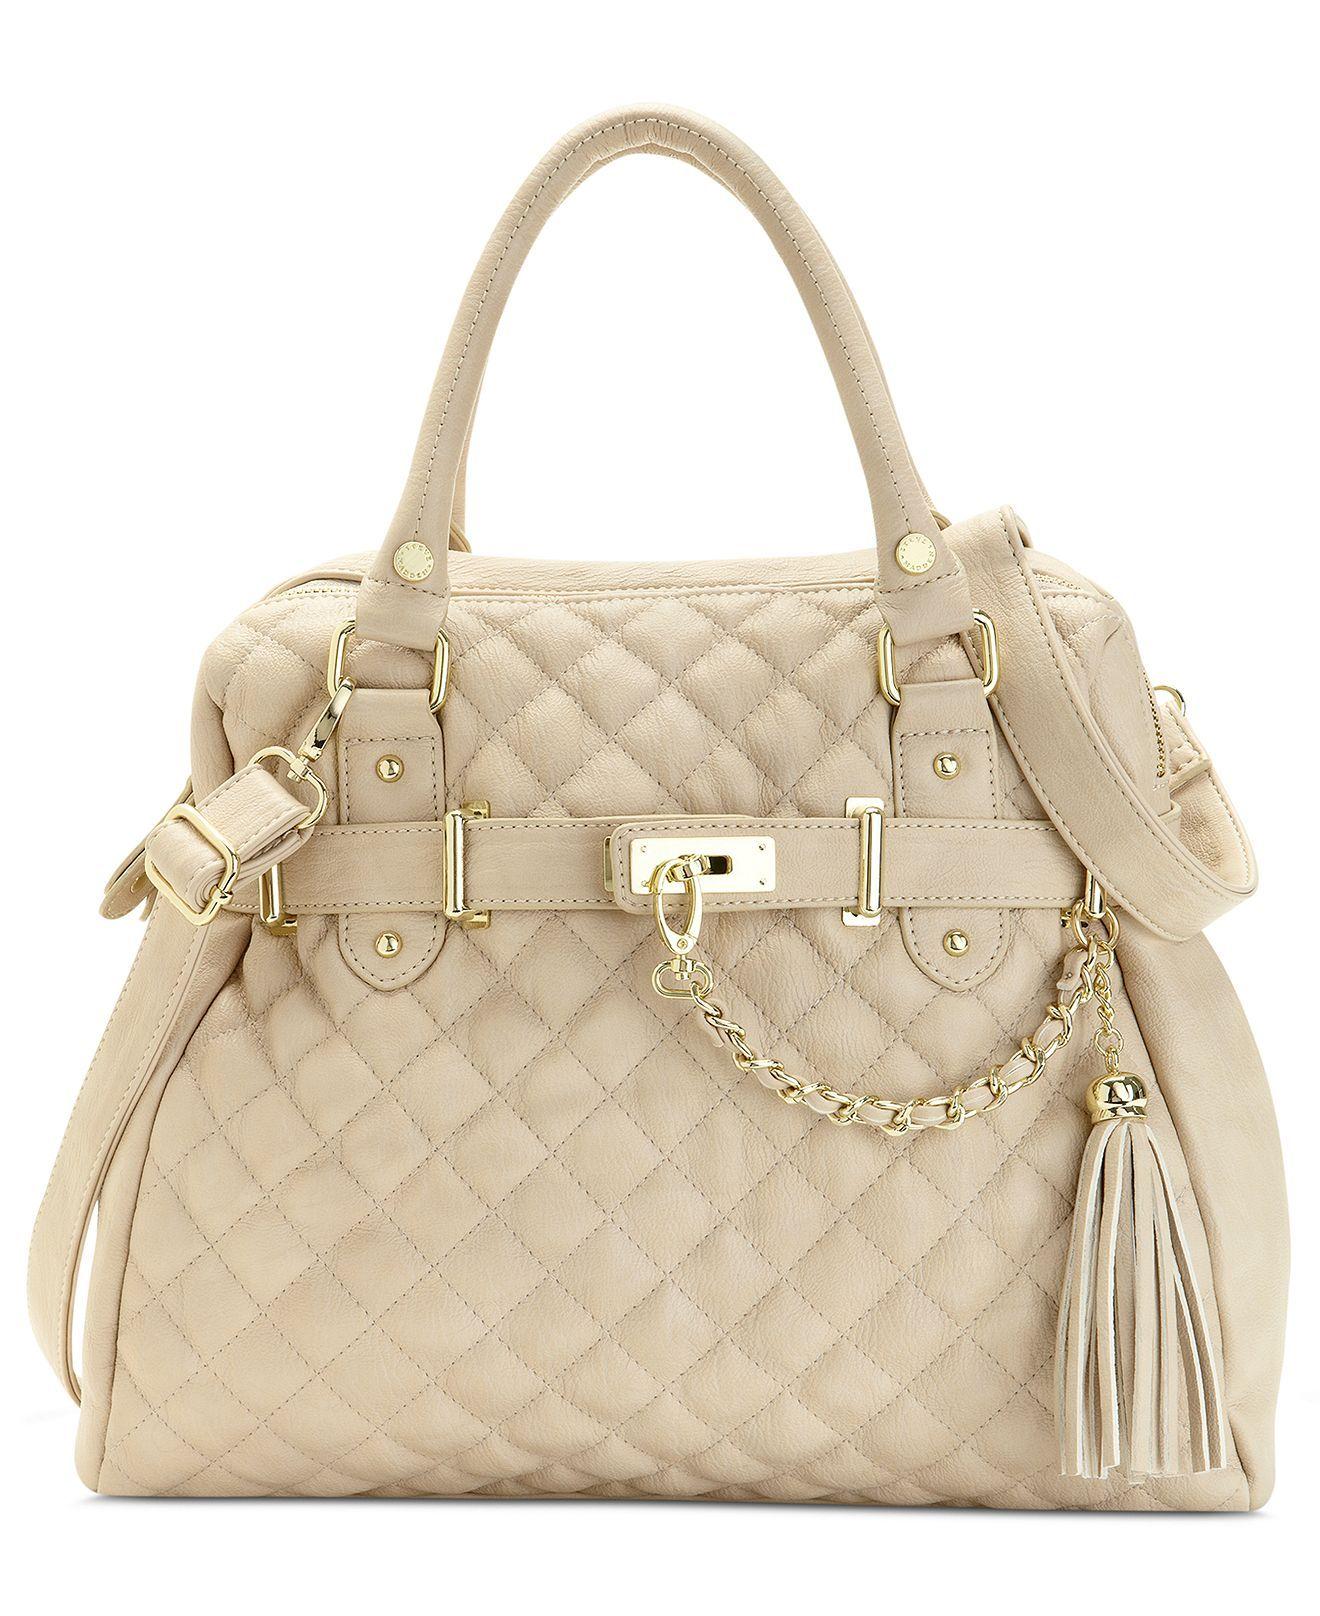 Steve Madden Handbag, Bparker Quilted Satchel - Handbags ...